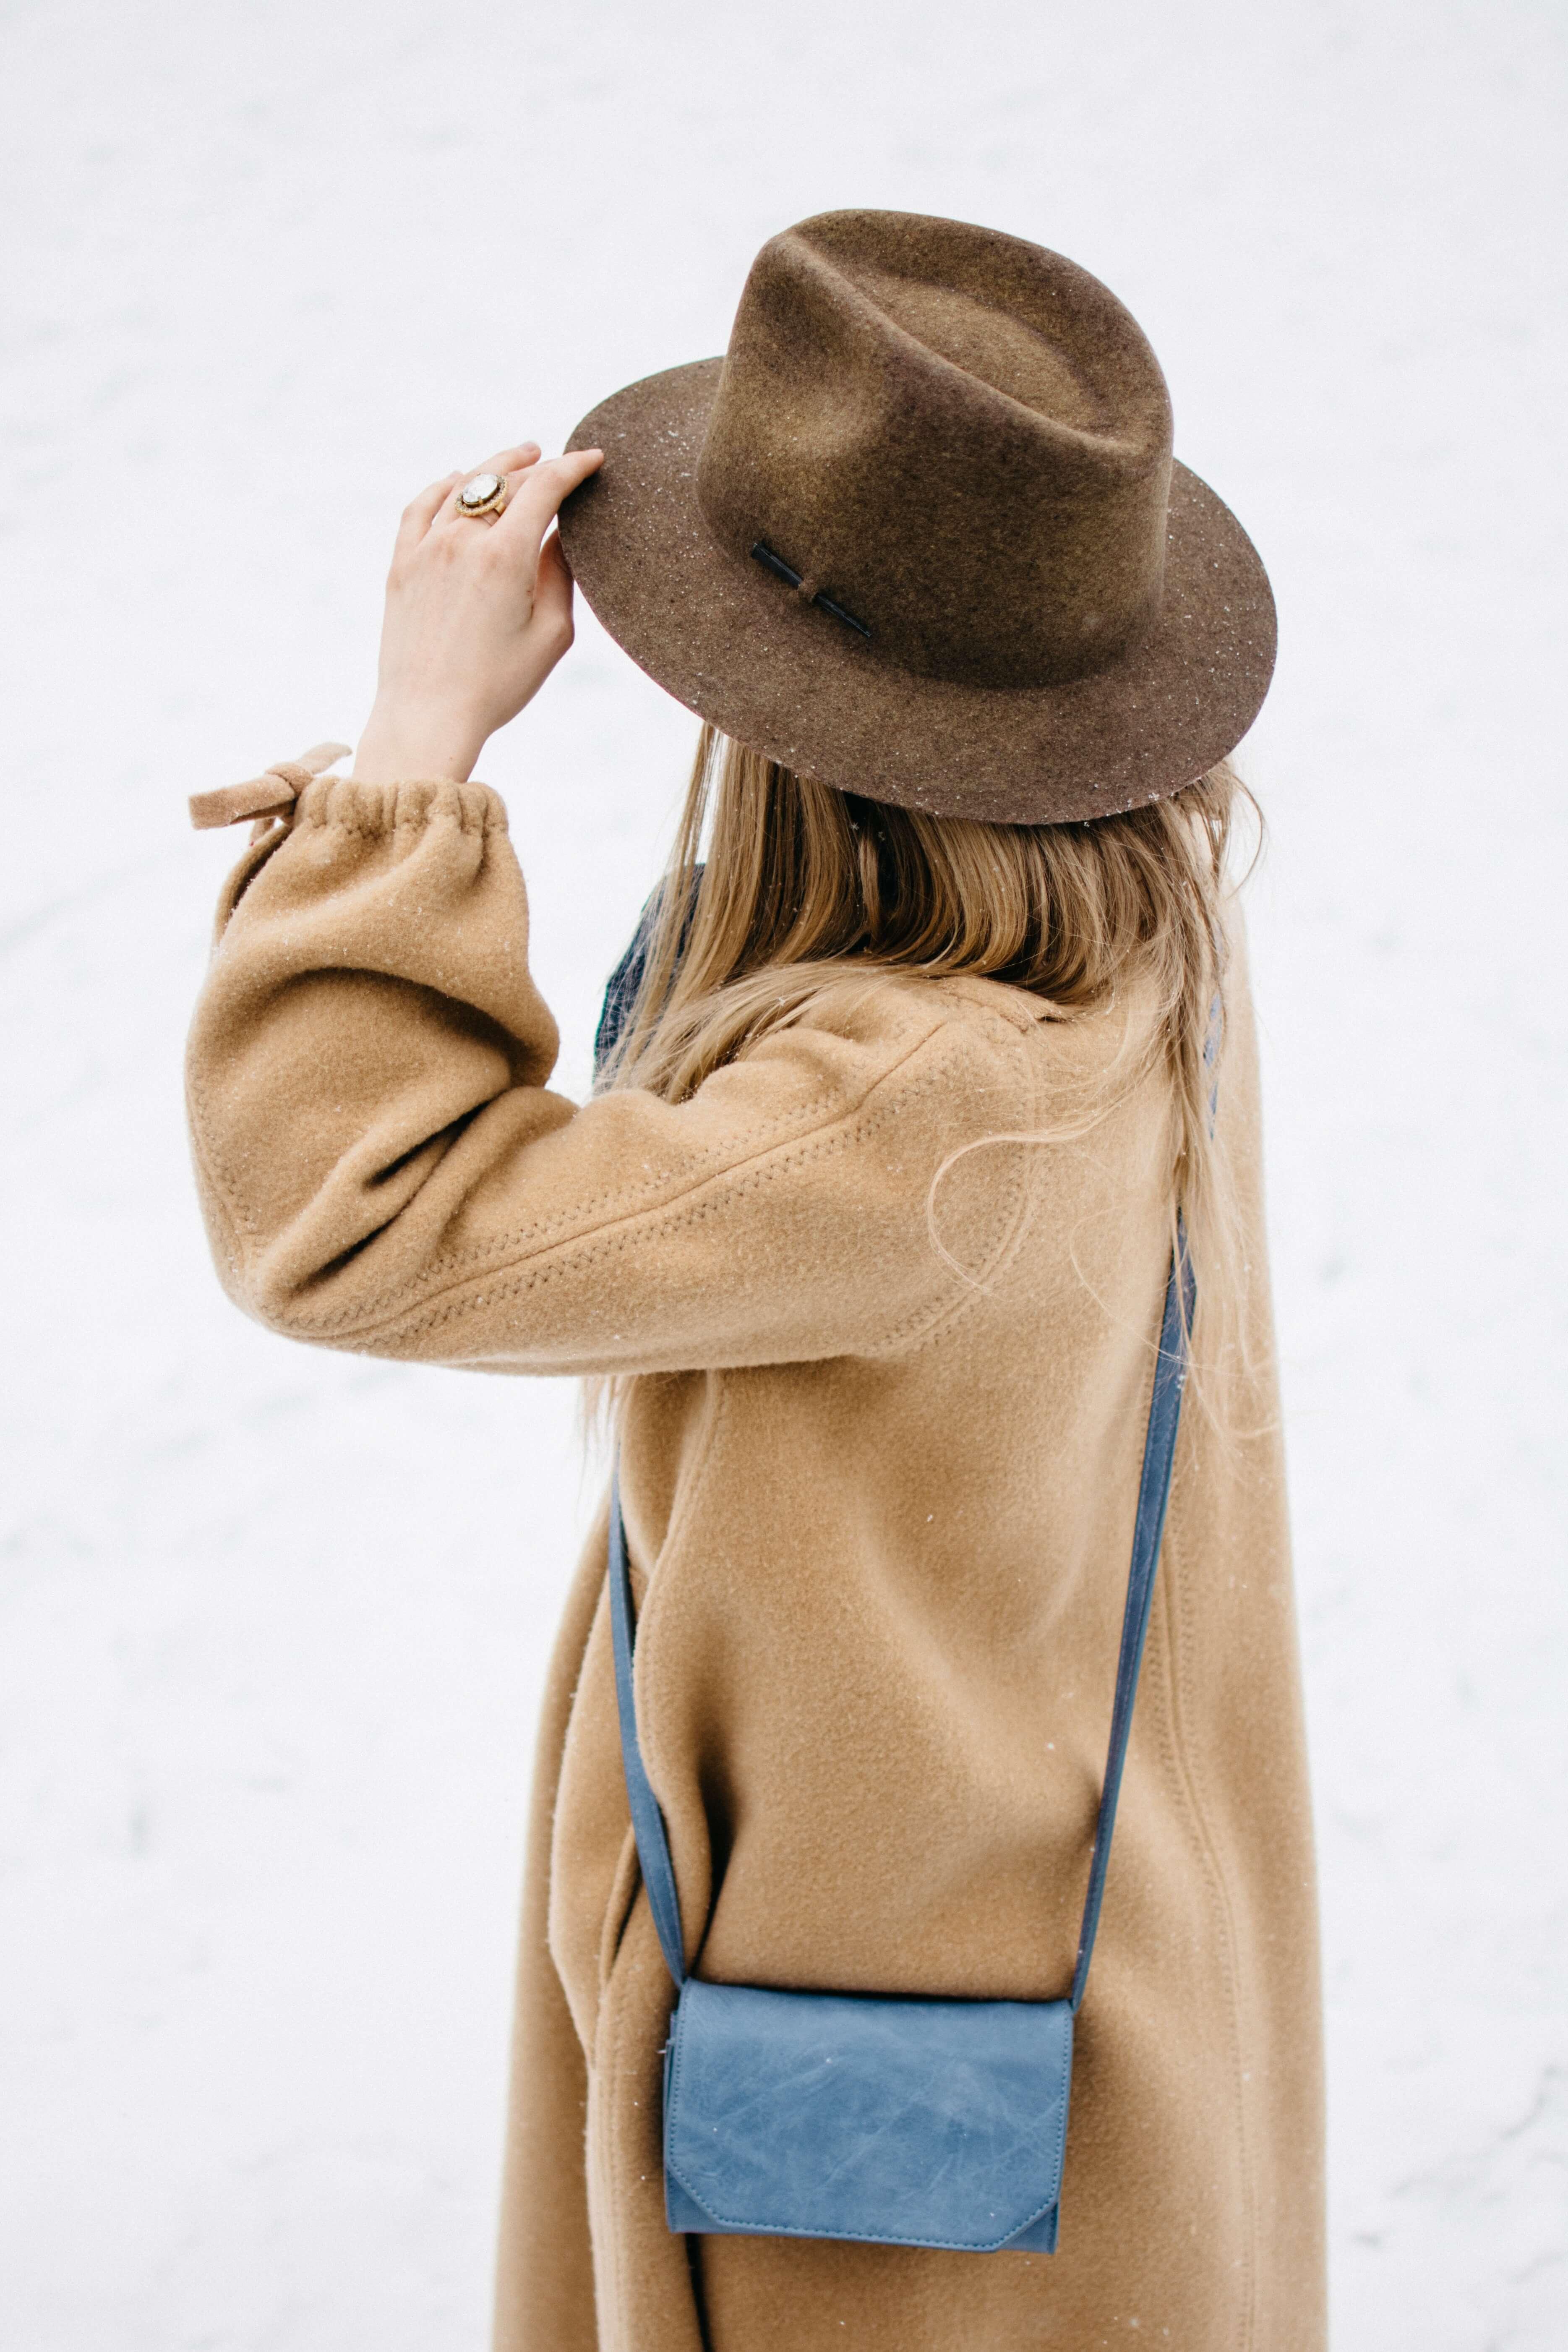 ベージュのコートでハットをかぶった女性